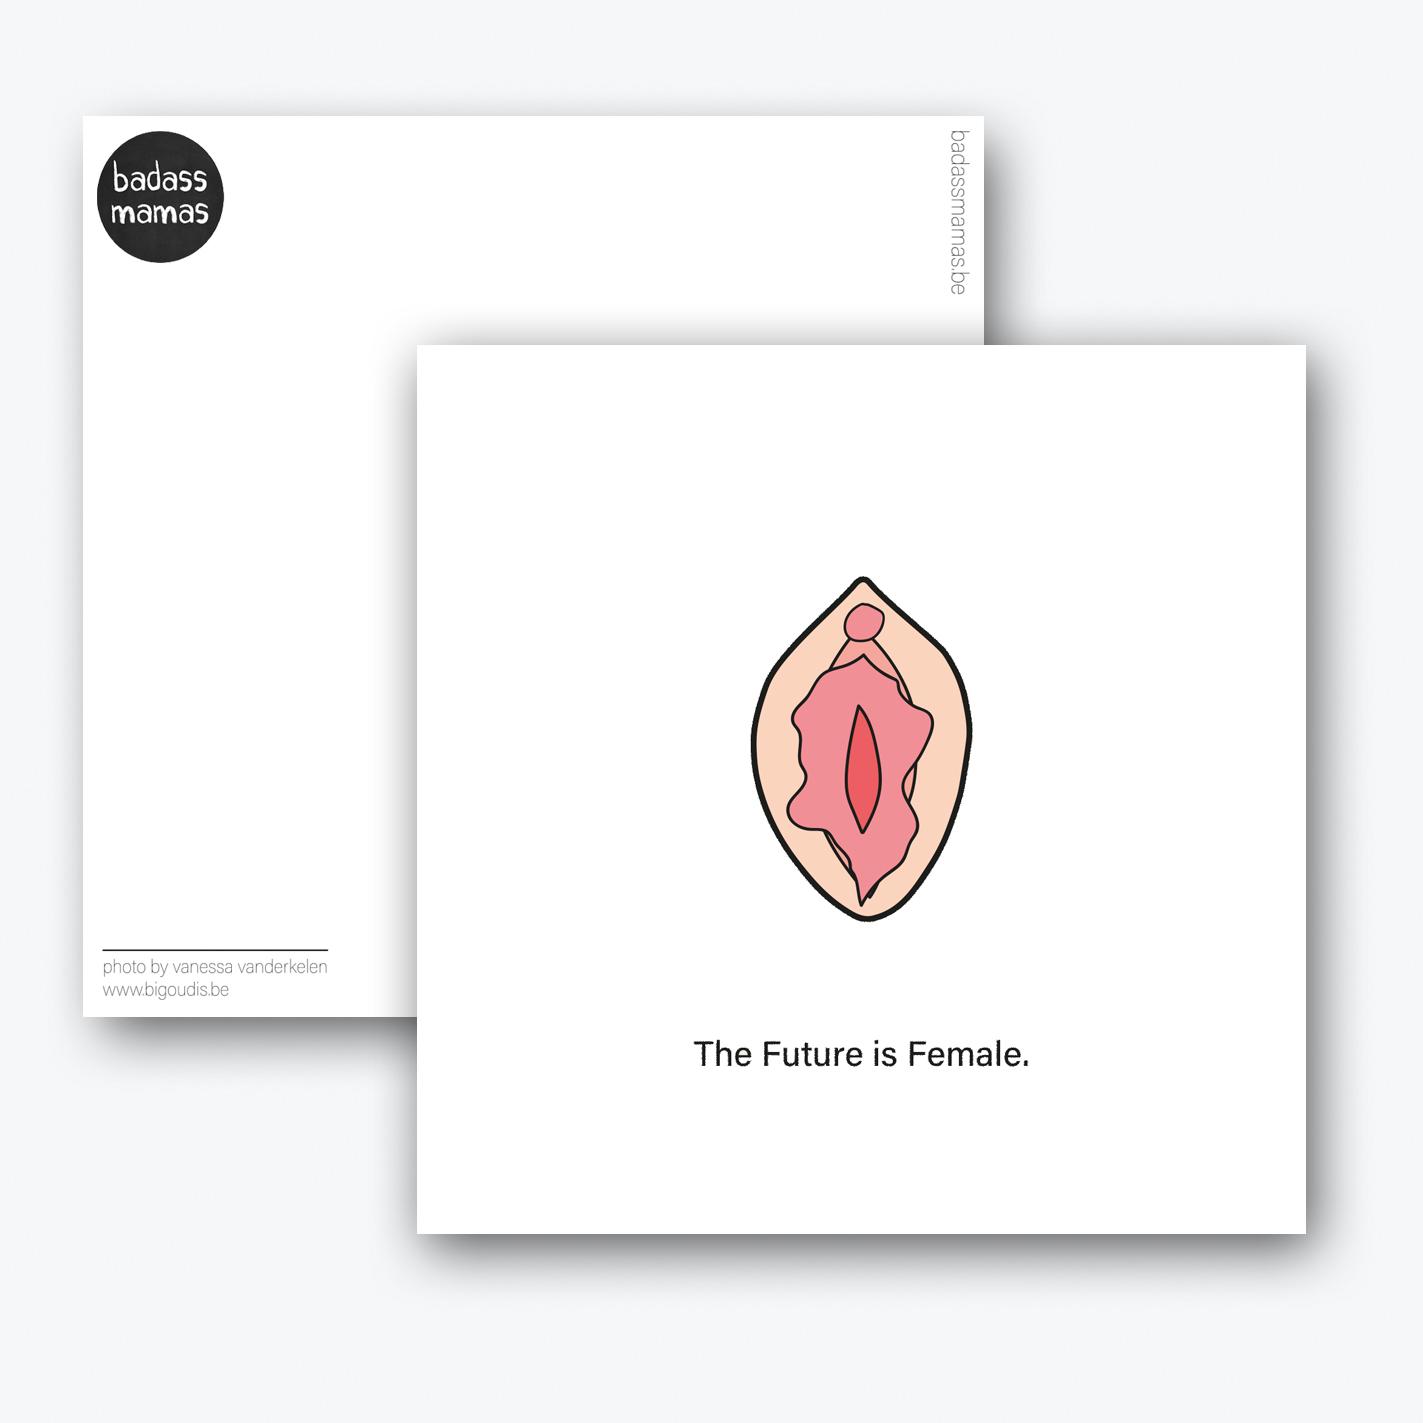 carte postale the future is female